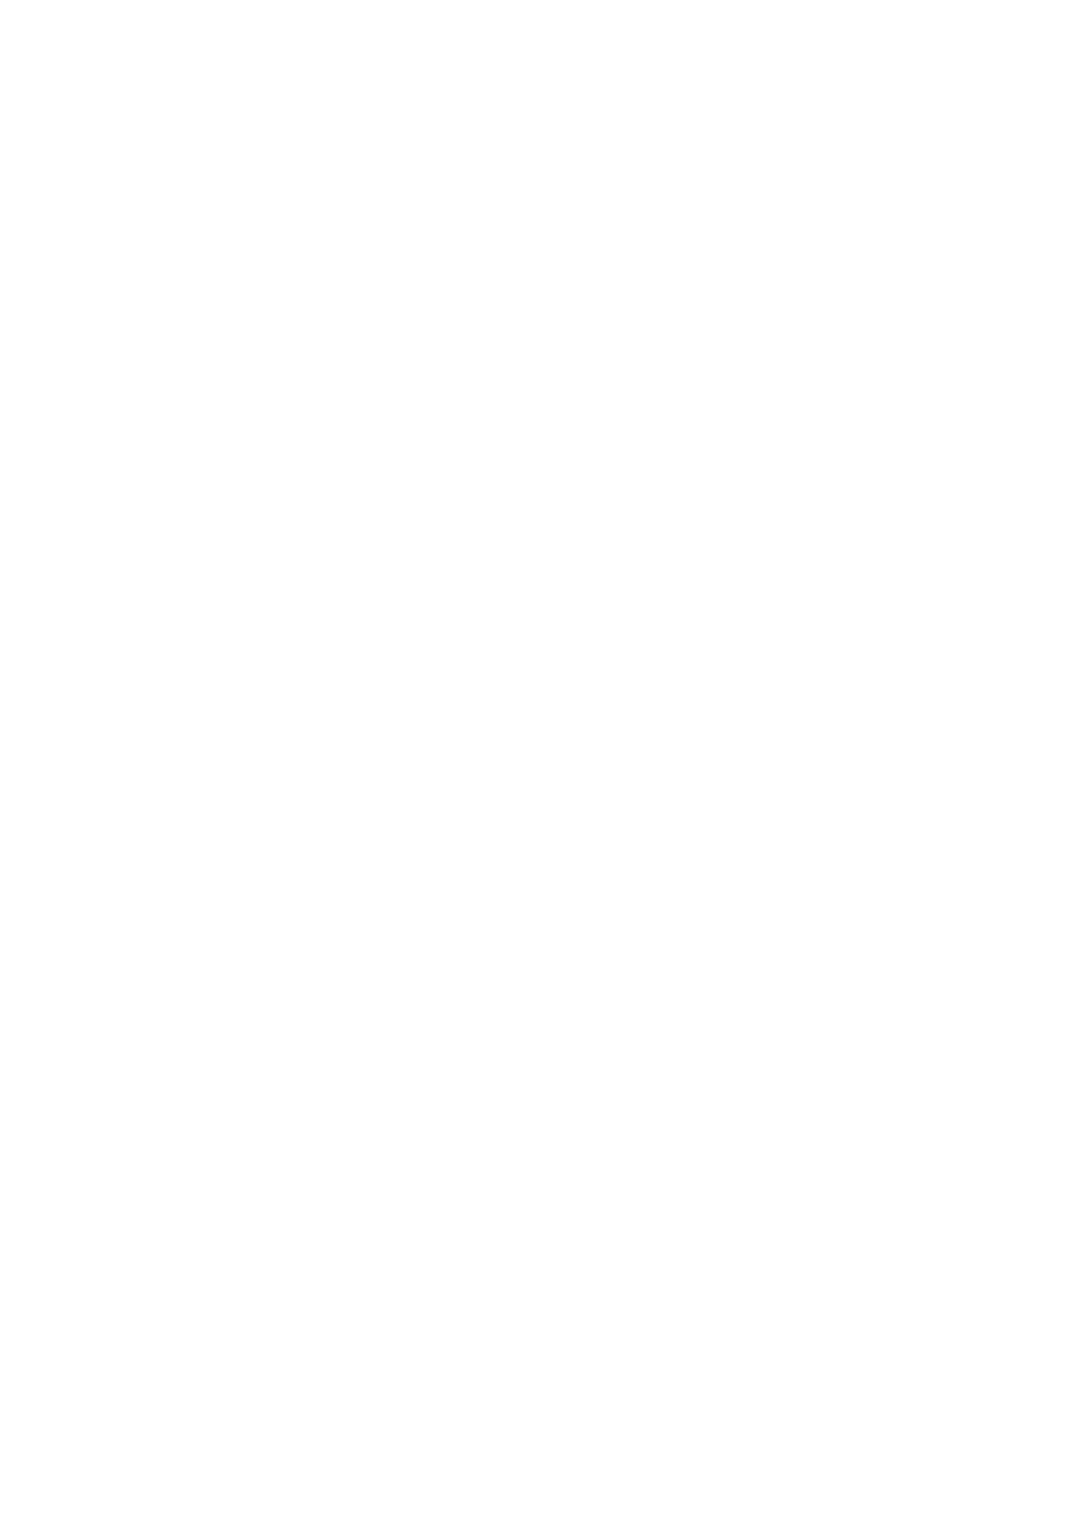 【エロ漫画】【エロ漫画】新しく赴任してきた気弱男教師と混浴温泉で乱交しまくる美少女JK集団…順番にフェラして一人ずつ口内射精されたあと、交代で連続生ハメ中出しイチャラブセックスしまくりイキまくる【赤月みゅうと:七夏の楽園〜田舎の学校で美少女ハーレム❤〜2】